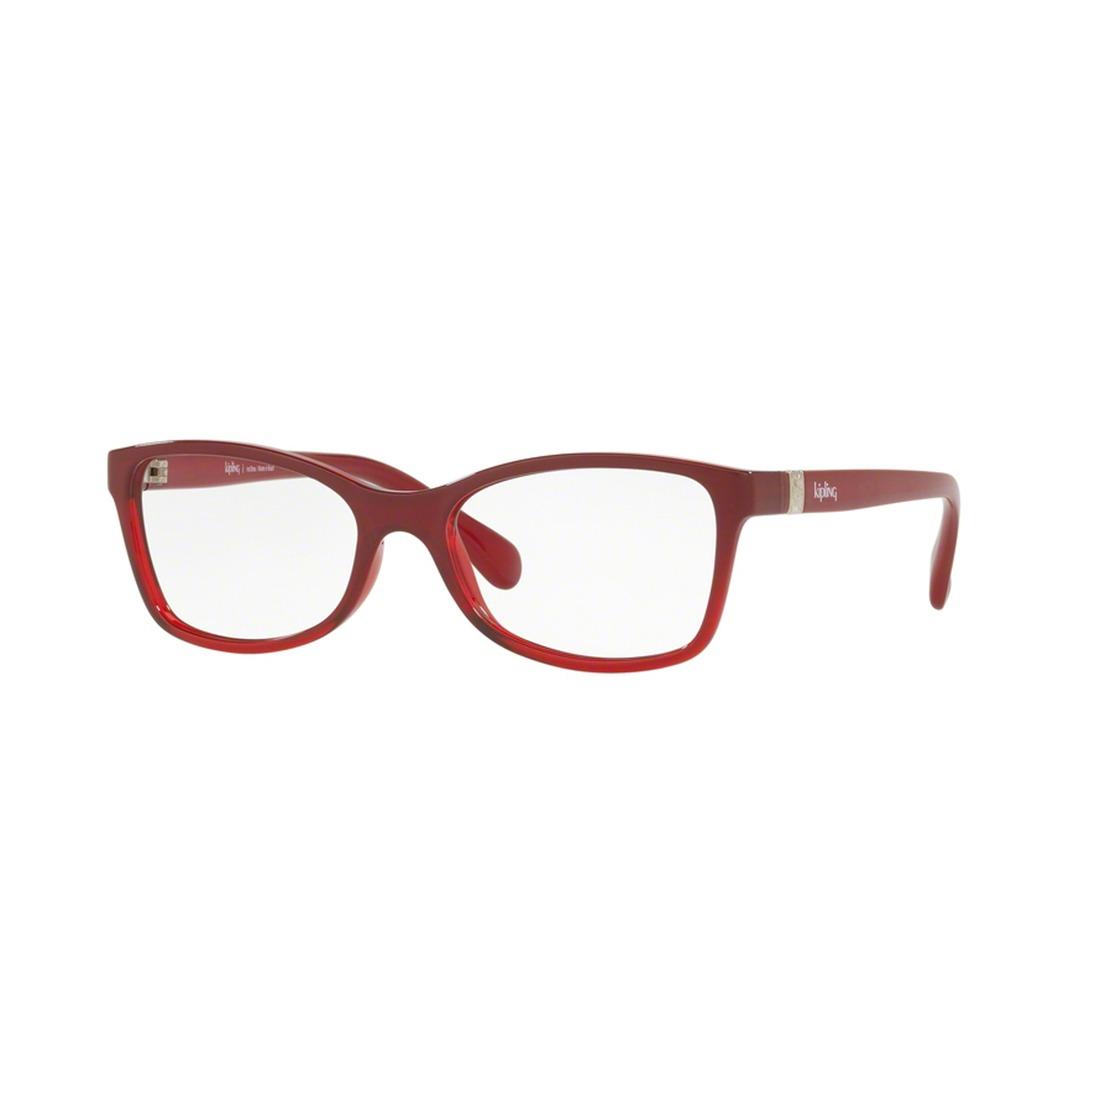 67b8d3aa0 Kipling Kp 3086 Óculos De Grau - R$ 288,67 em Mercado Livre